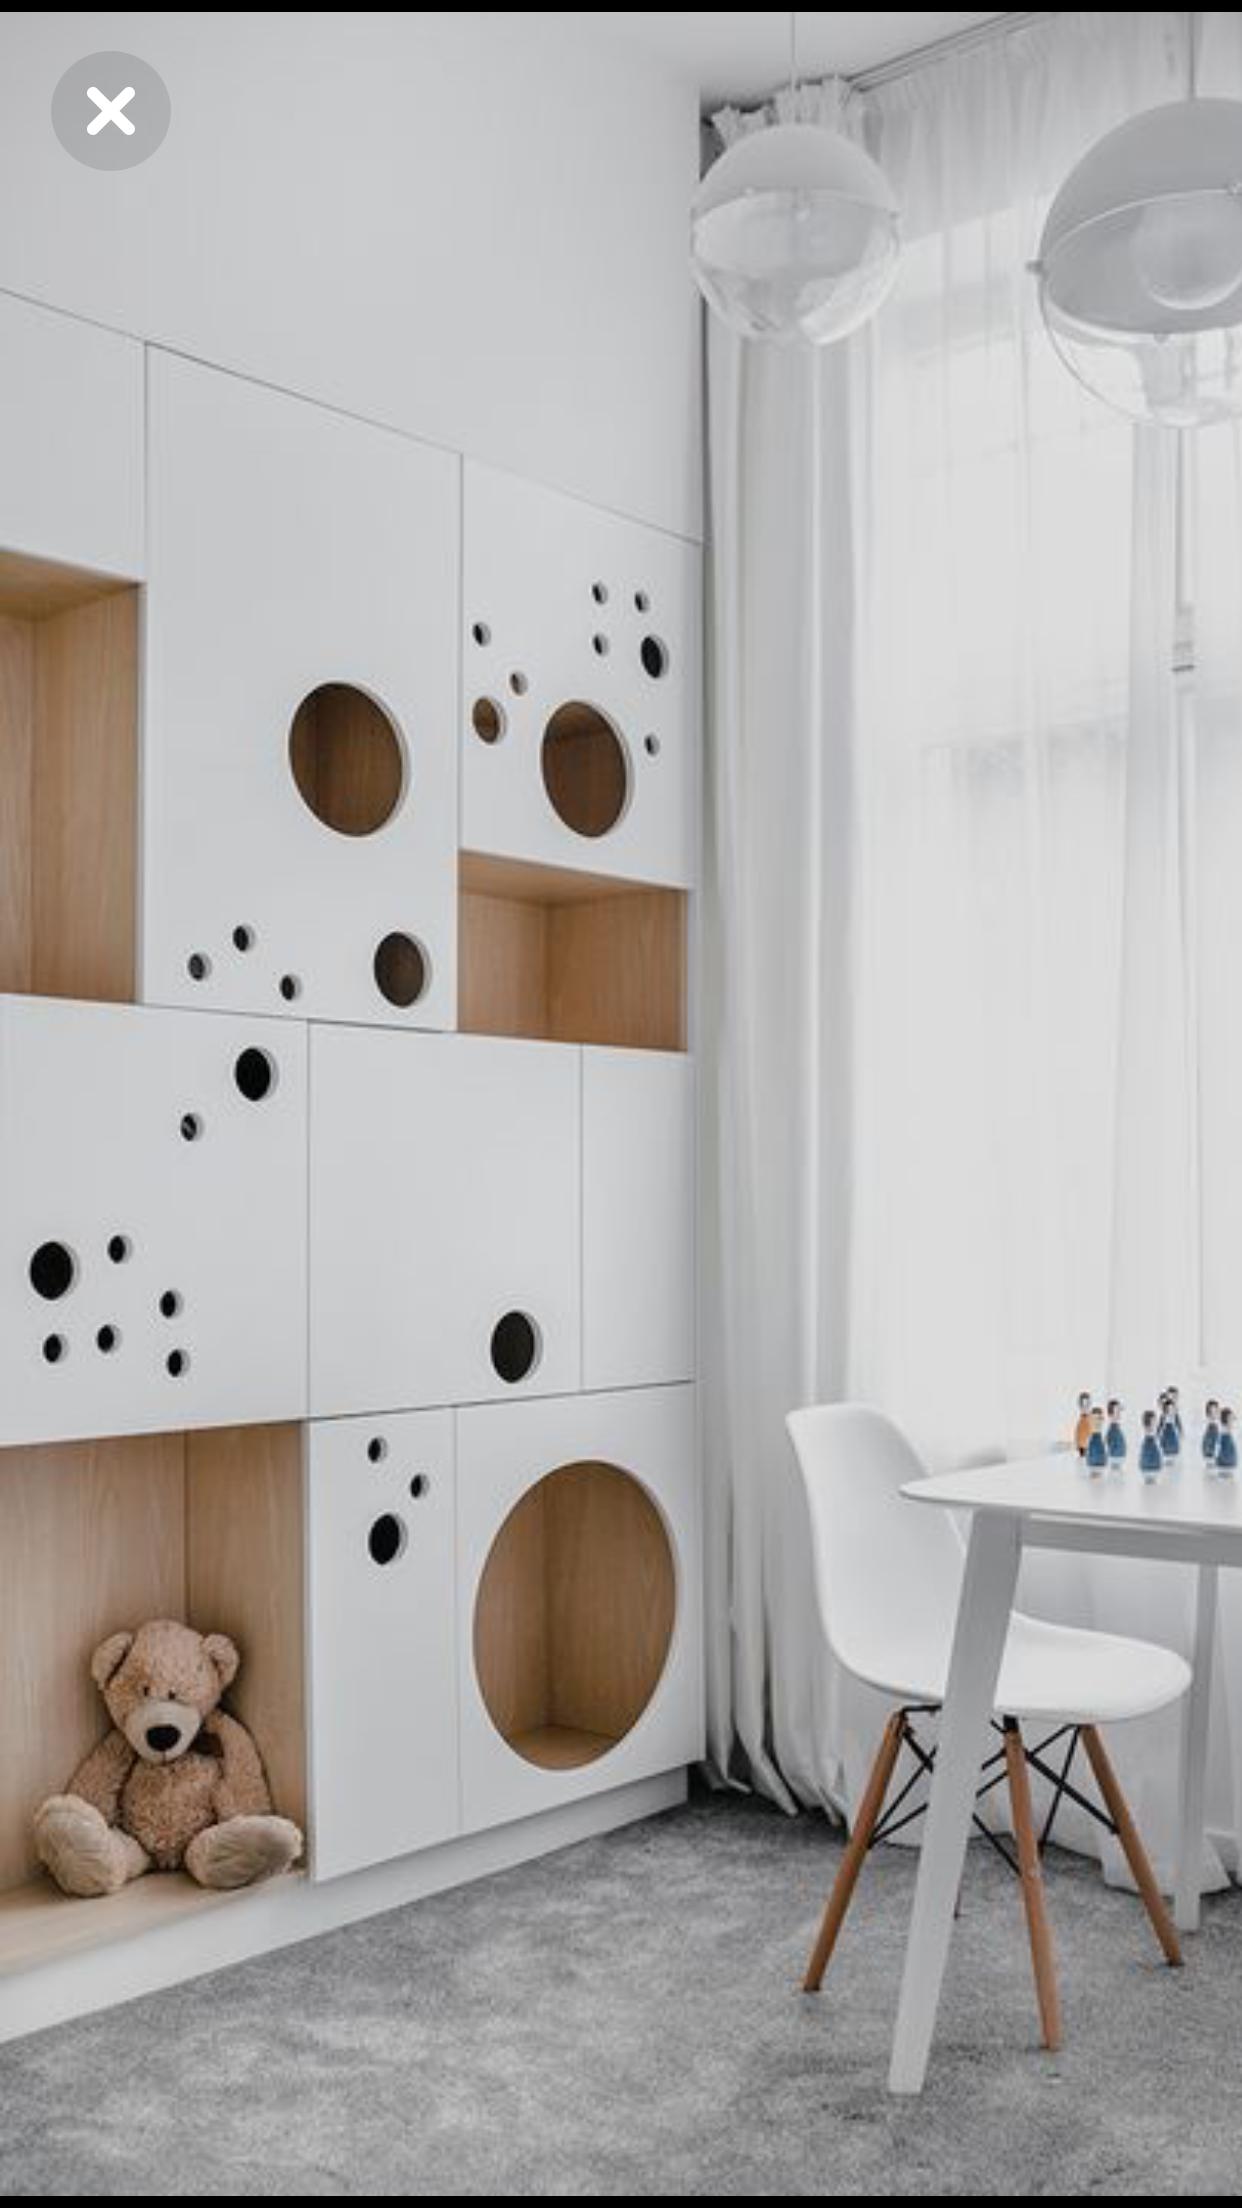 pin von nathalie coccagna auf cameretta pinterest schrankwand kinderzimmer und kuba. Black Bedroom Furniture Sets. Home Design Ideas